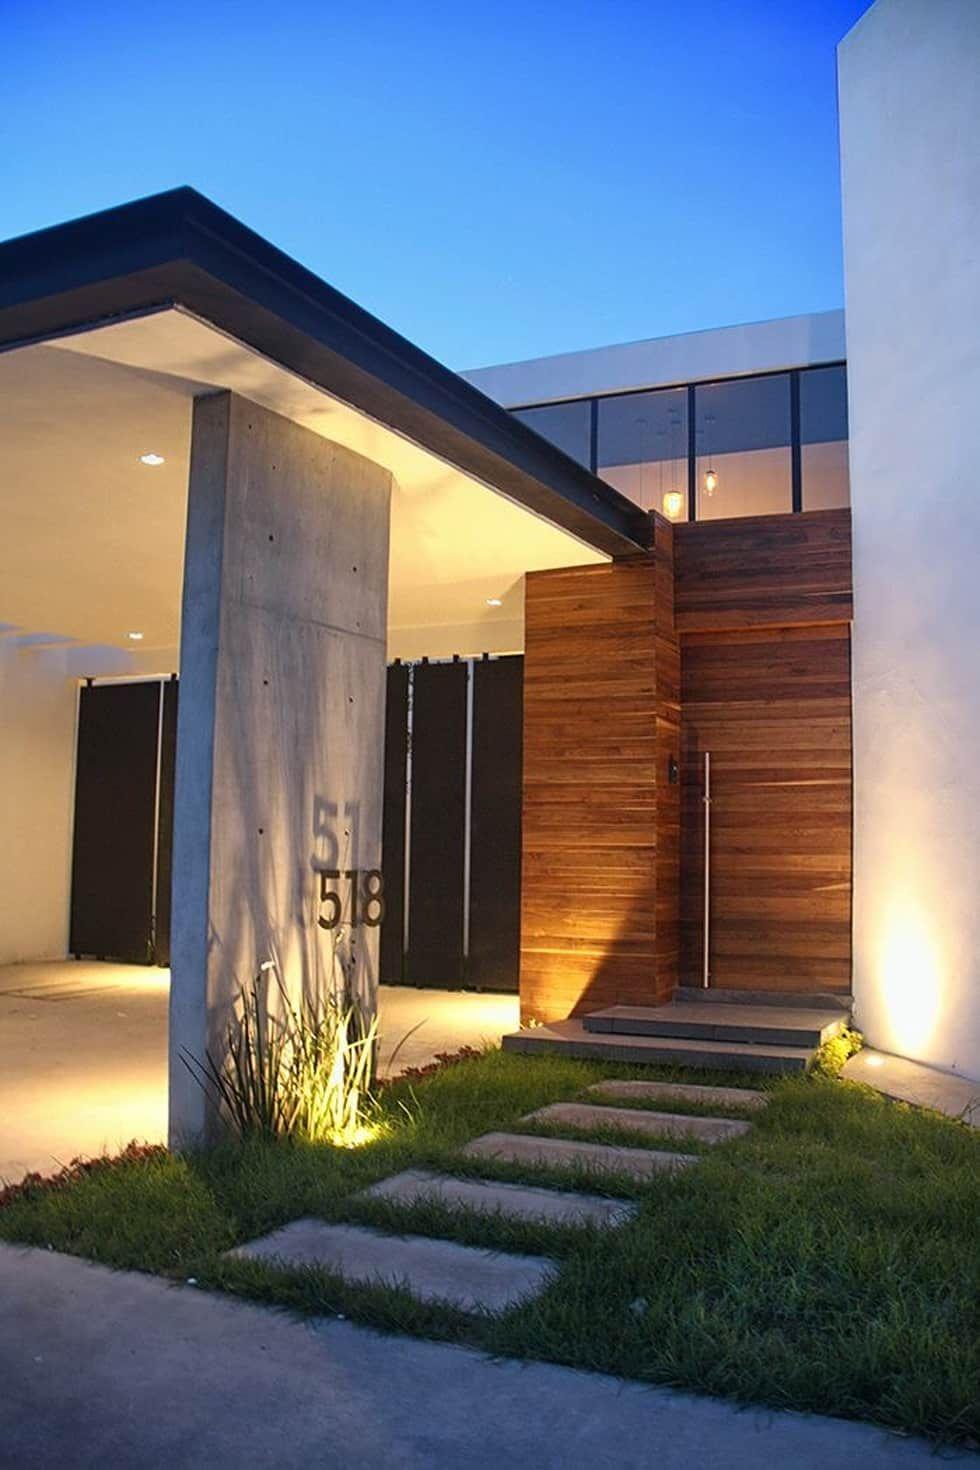 Acceso principal casas de estilo por narda davila - Casas arquitectura moderna ...